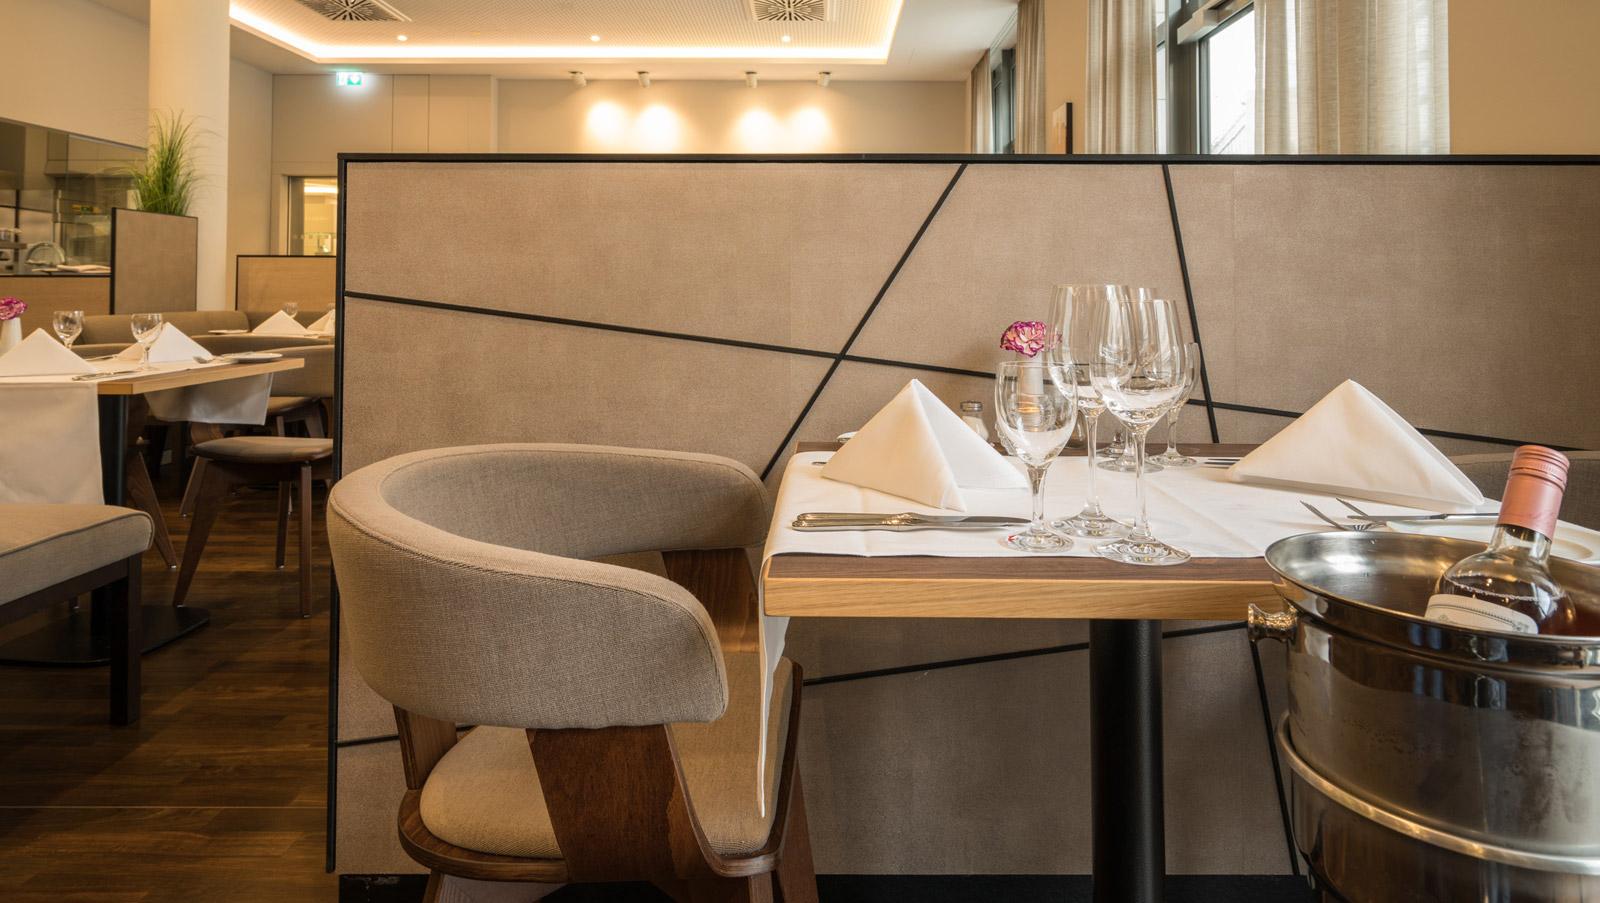 Großartig Innenarchitektur Nürnberg Sammlung Von Restaurant